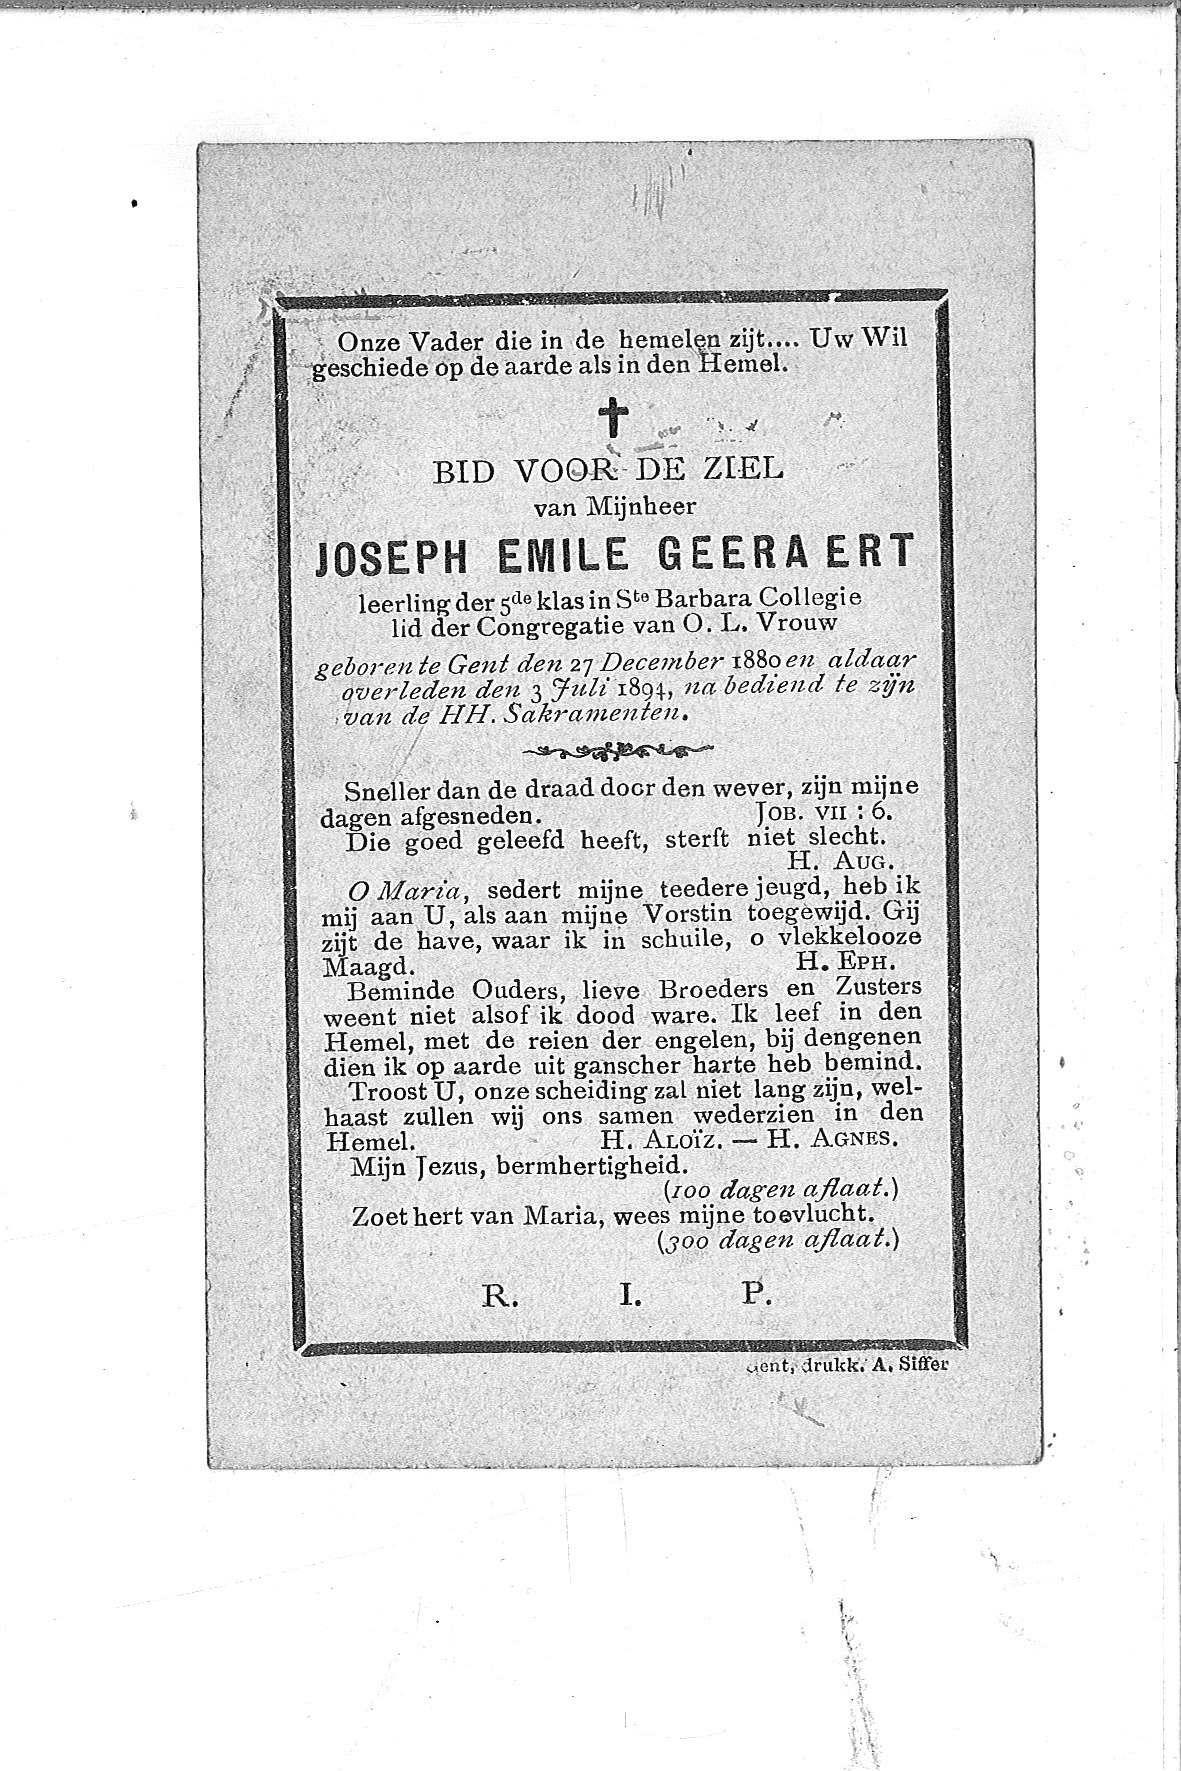 Joseph-Emile(1894)20130820111714_00012.jpg